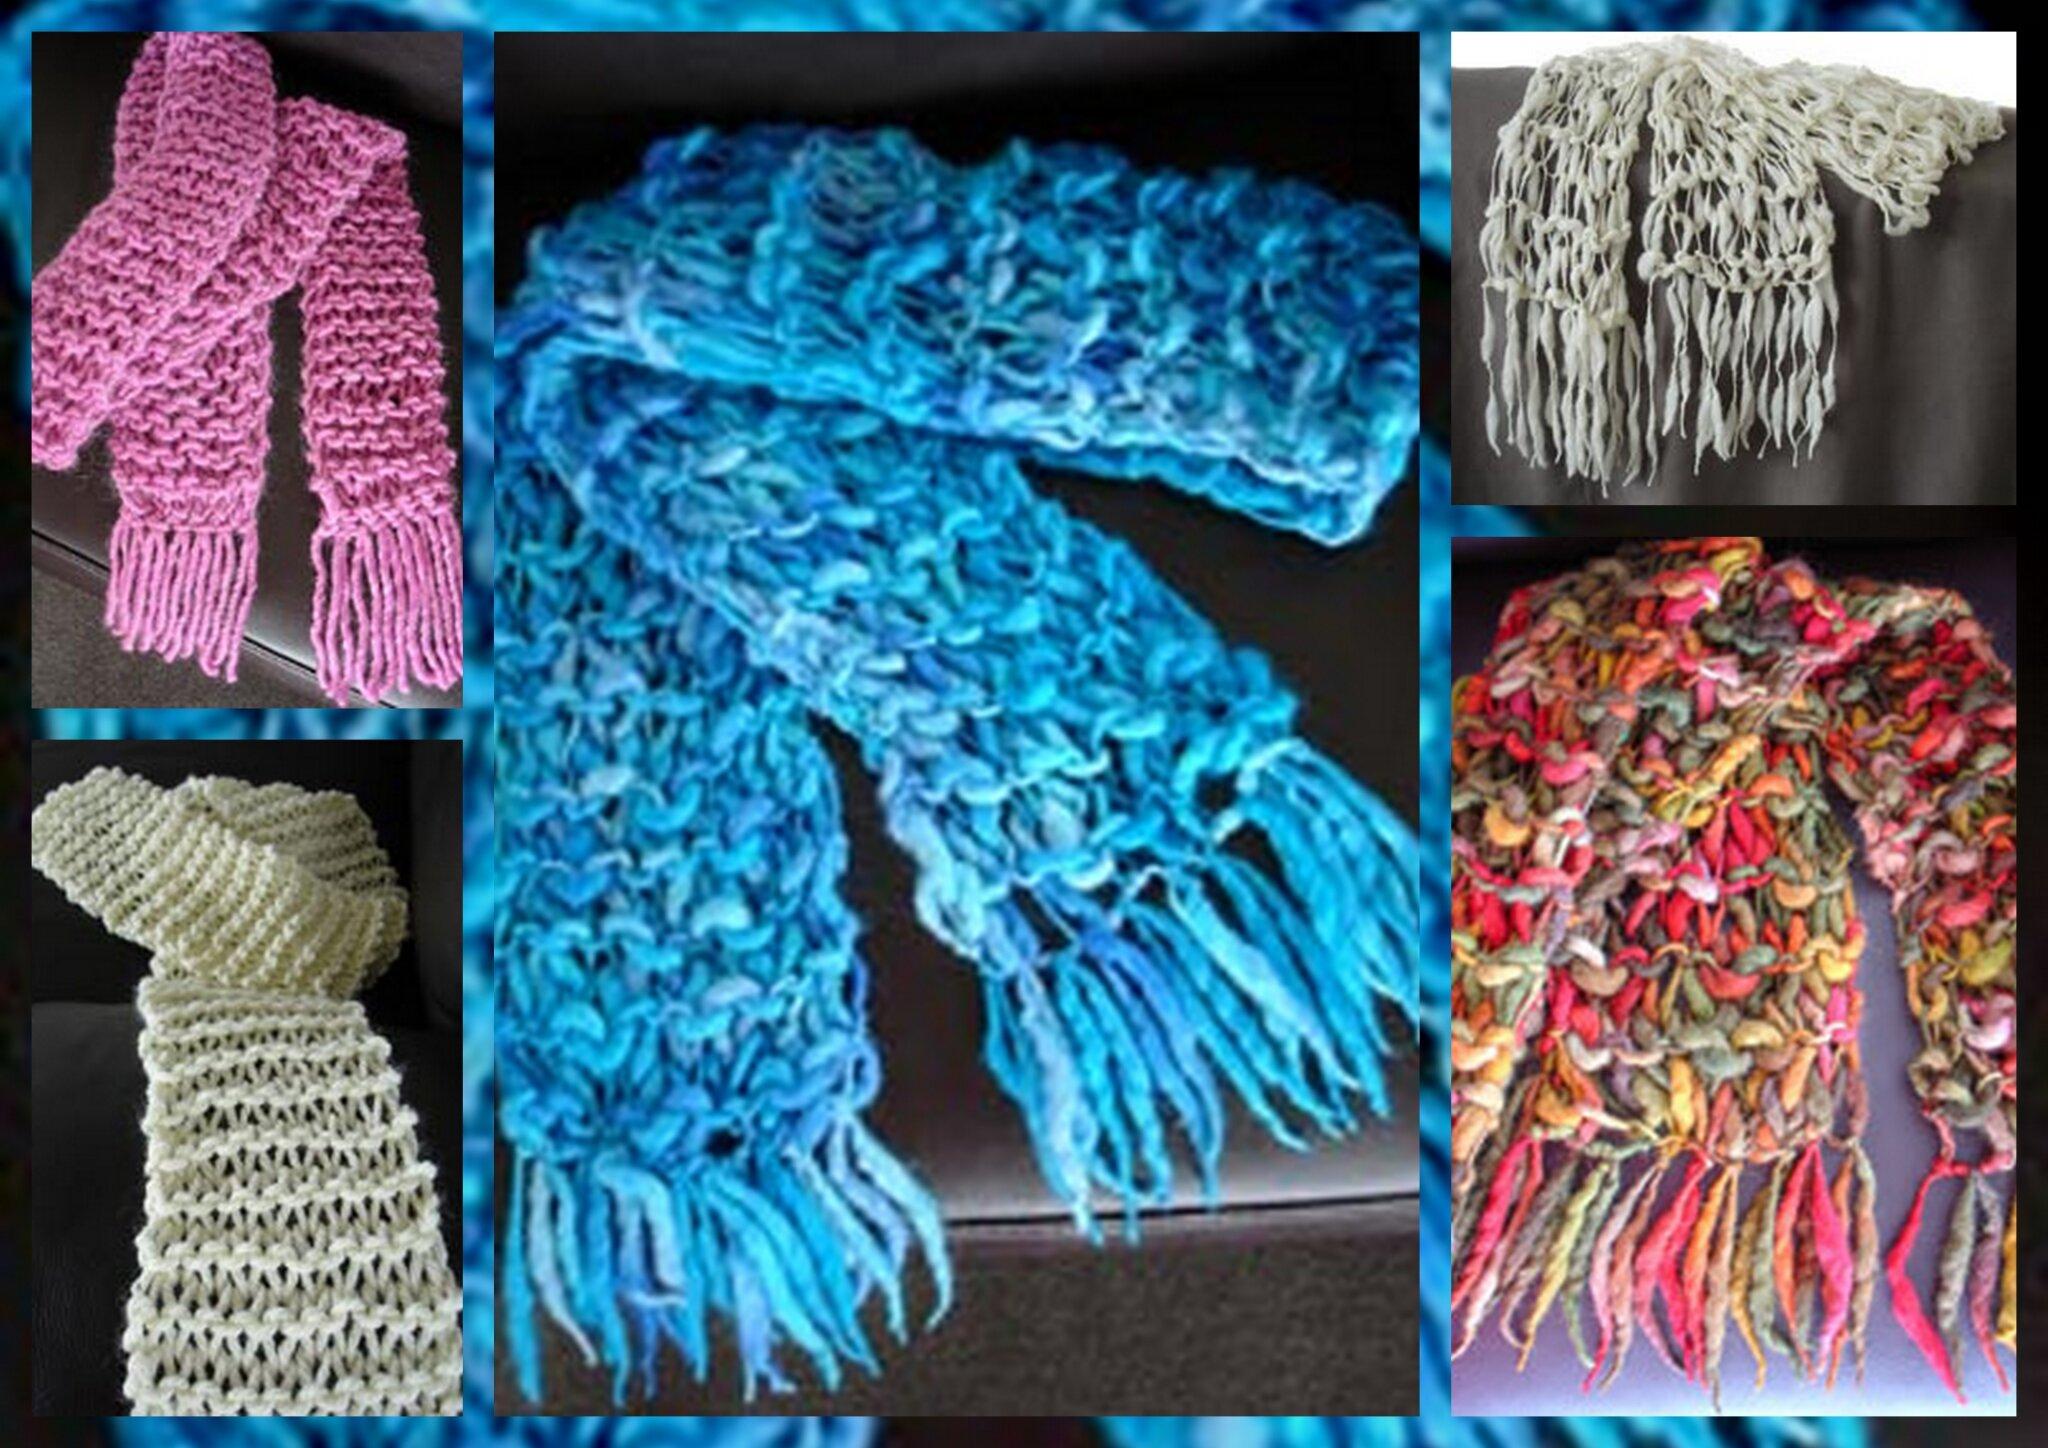 Le saviez vous vous pouvez tricoter sans aiguilles la malle aux mille mai - Tricoter sans aiguilles ...